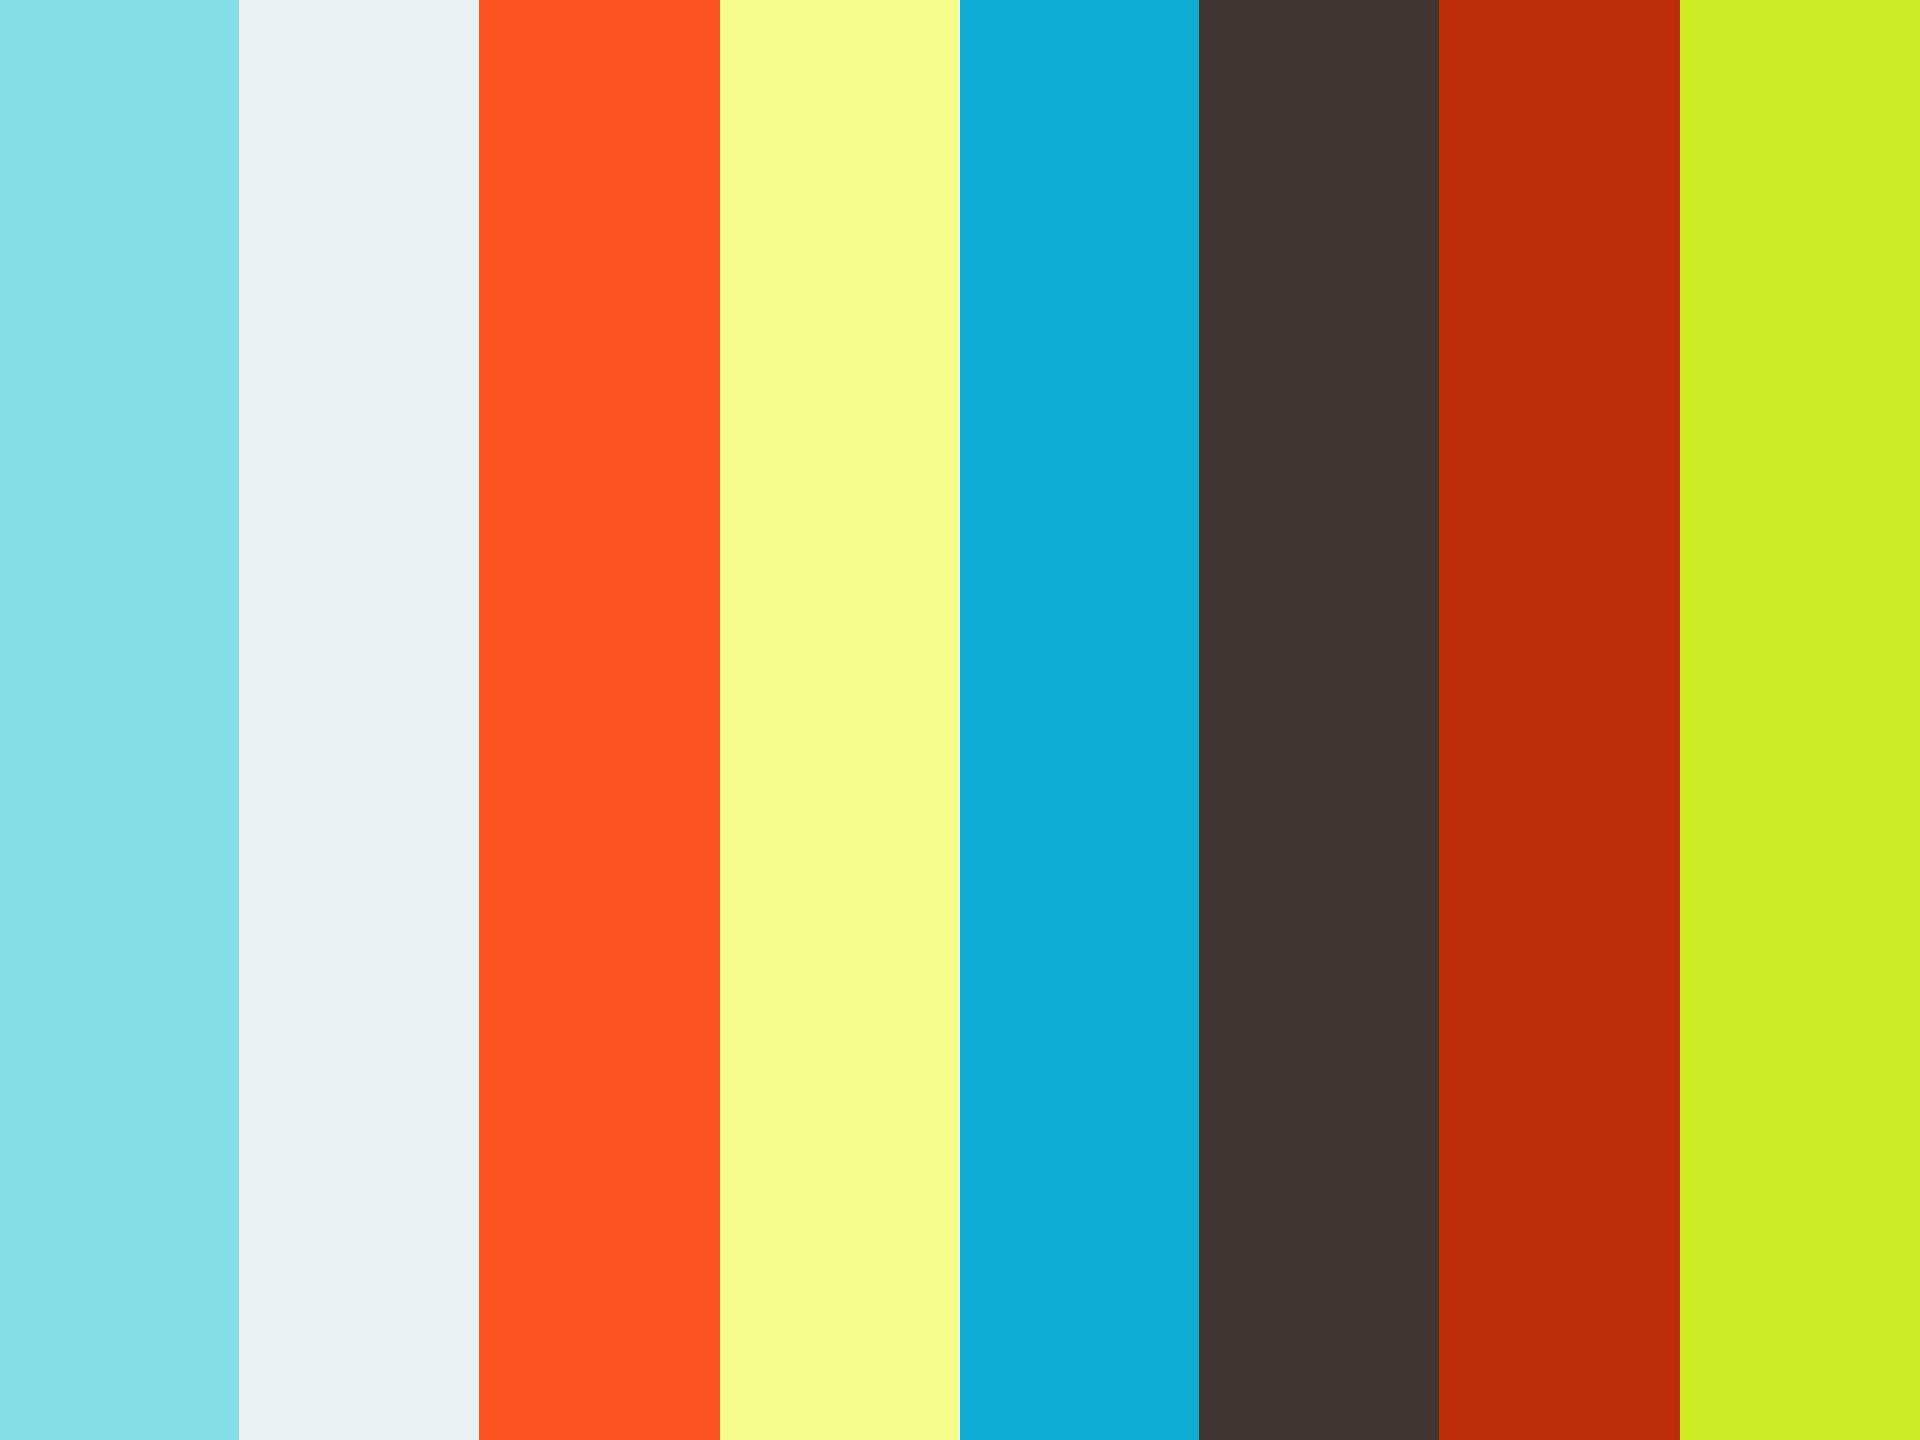 【シリーズ】第16回 日本顕微鏡歯科学会 学術大会:青木啓高先生:補綴処置の精密歯科治療を極める技工サイドからの提言